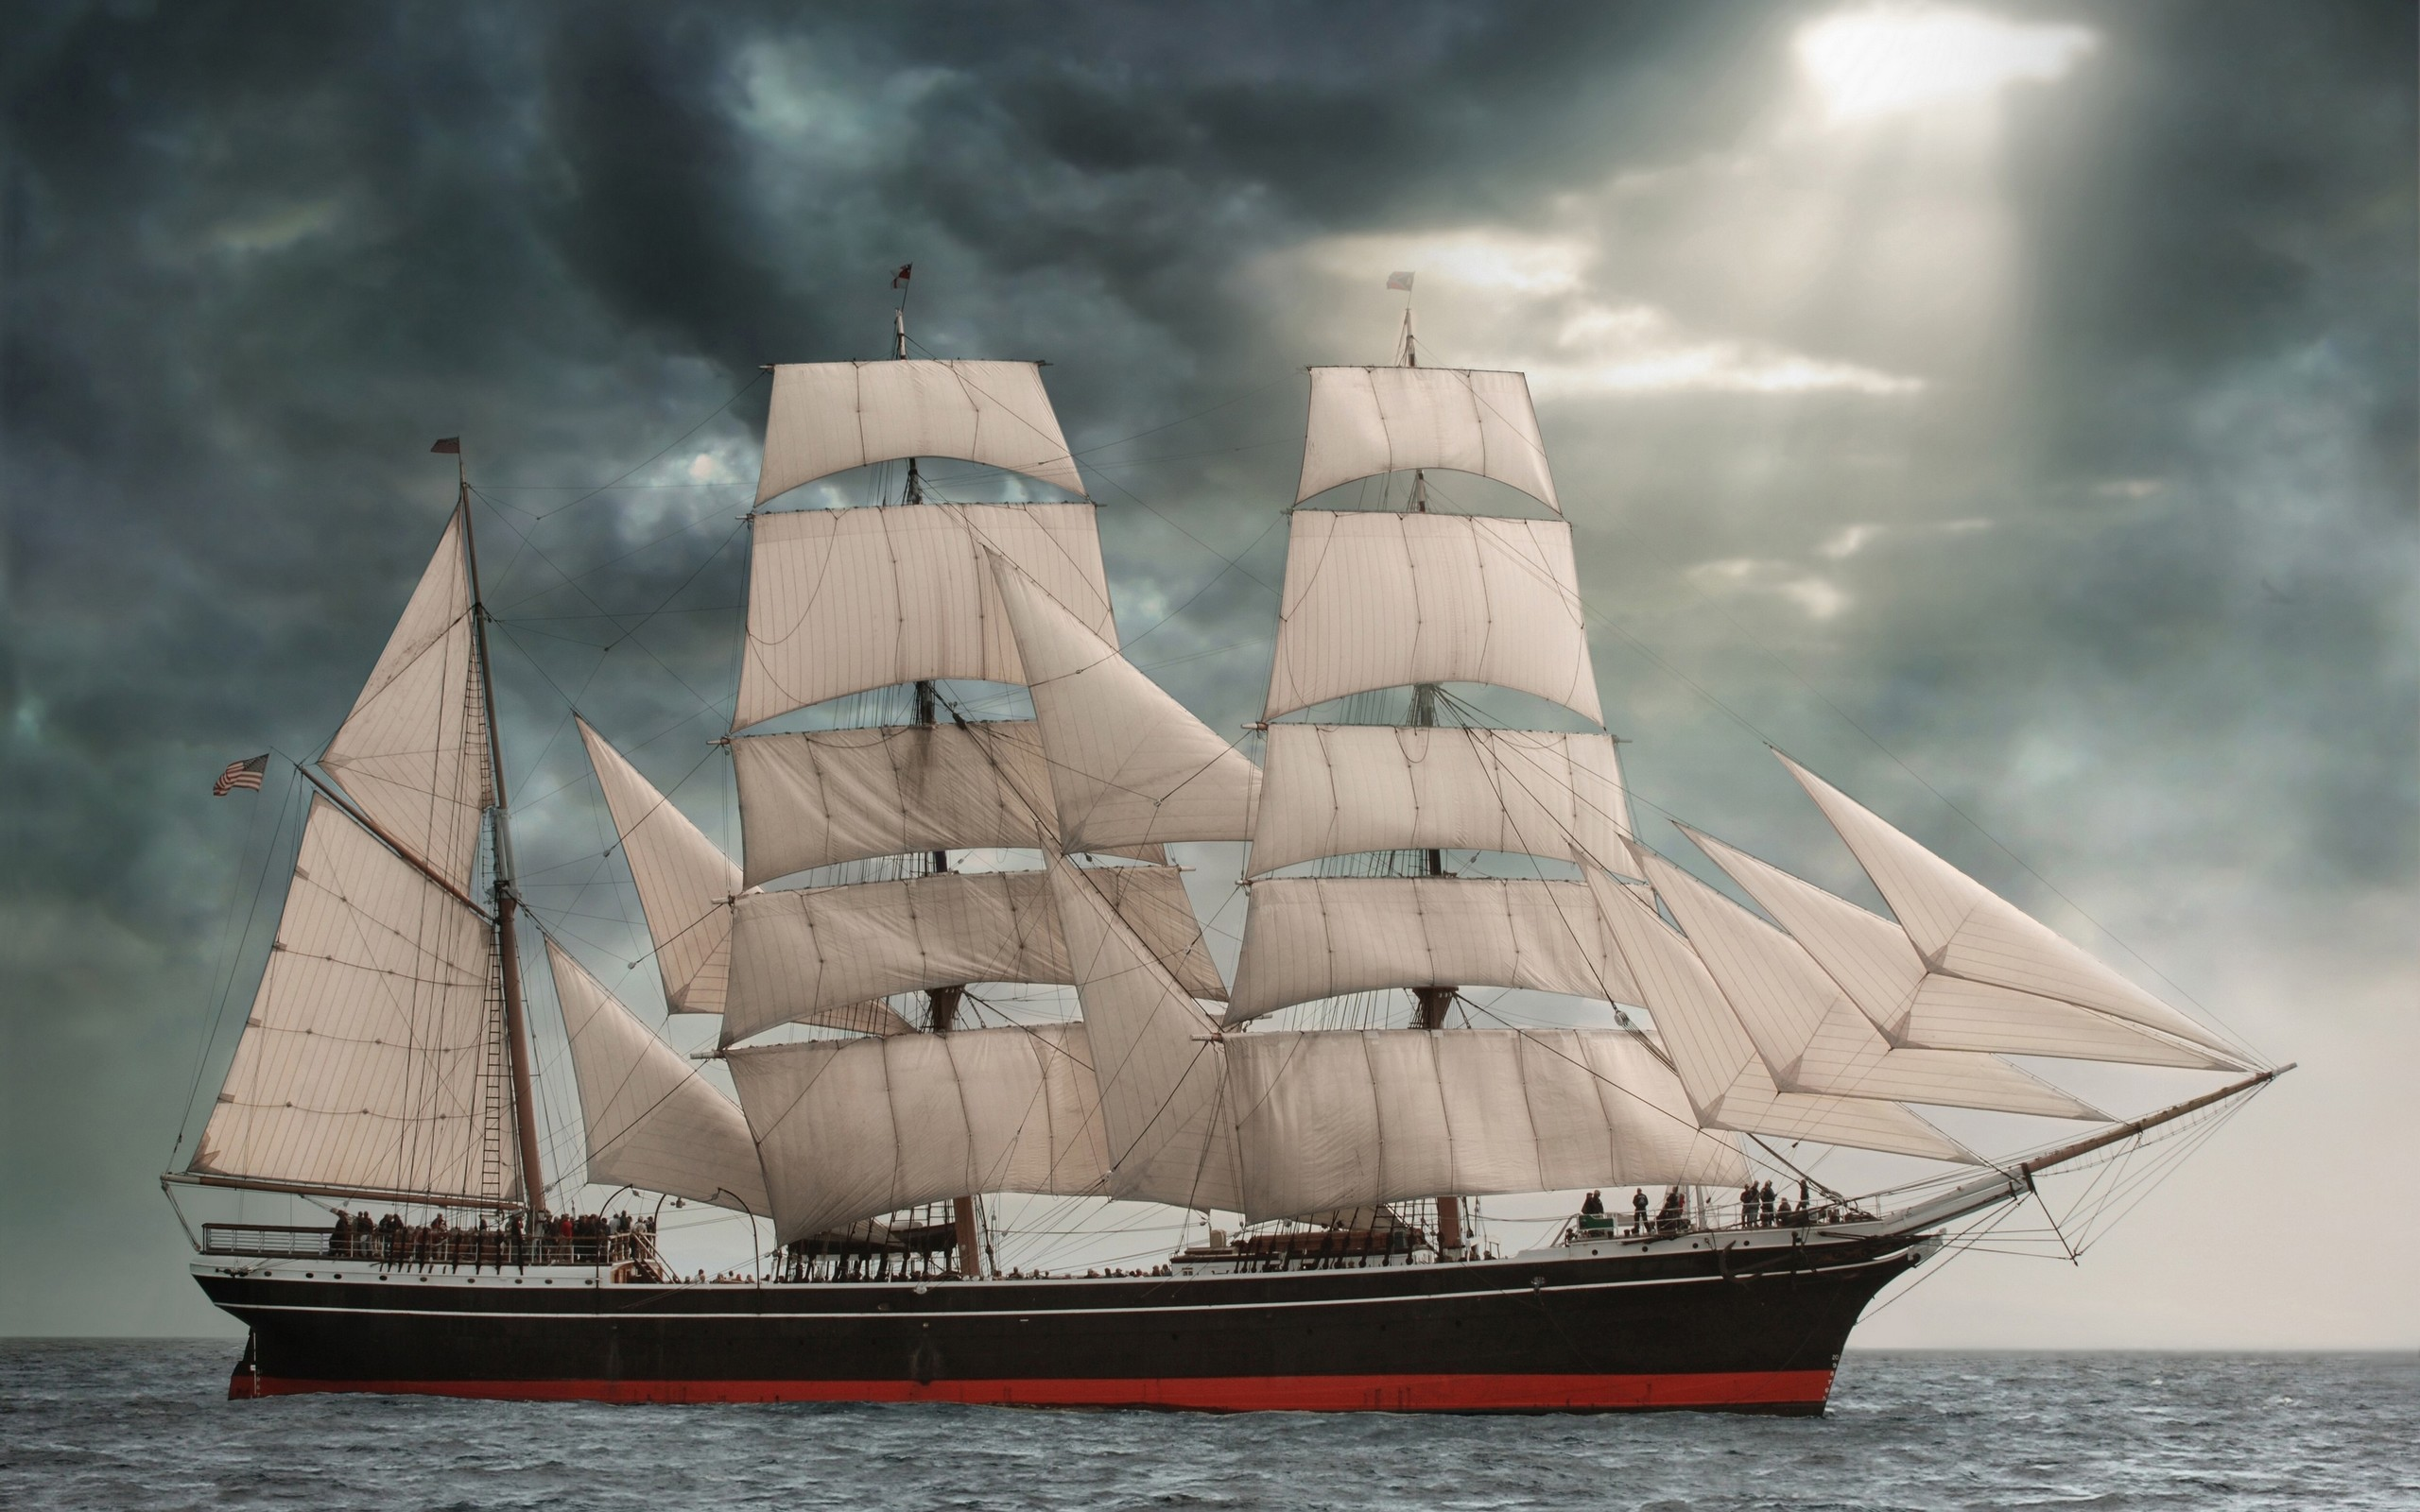 Res: 2560x1600, Sailing Desktop Wallpaper